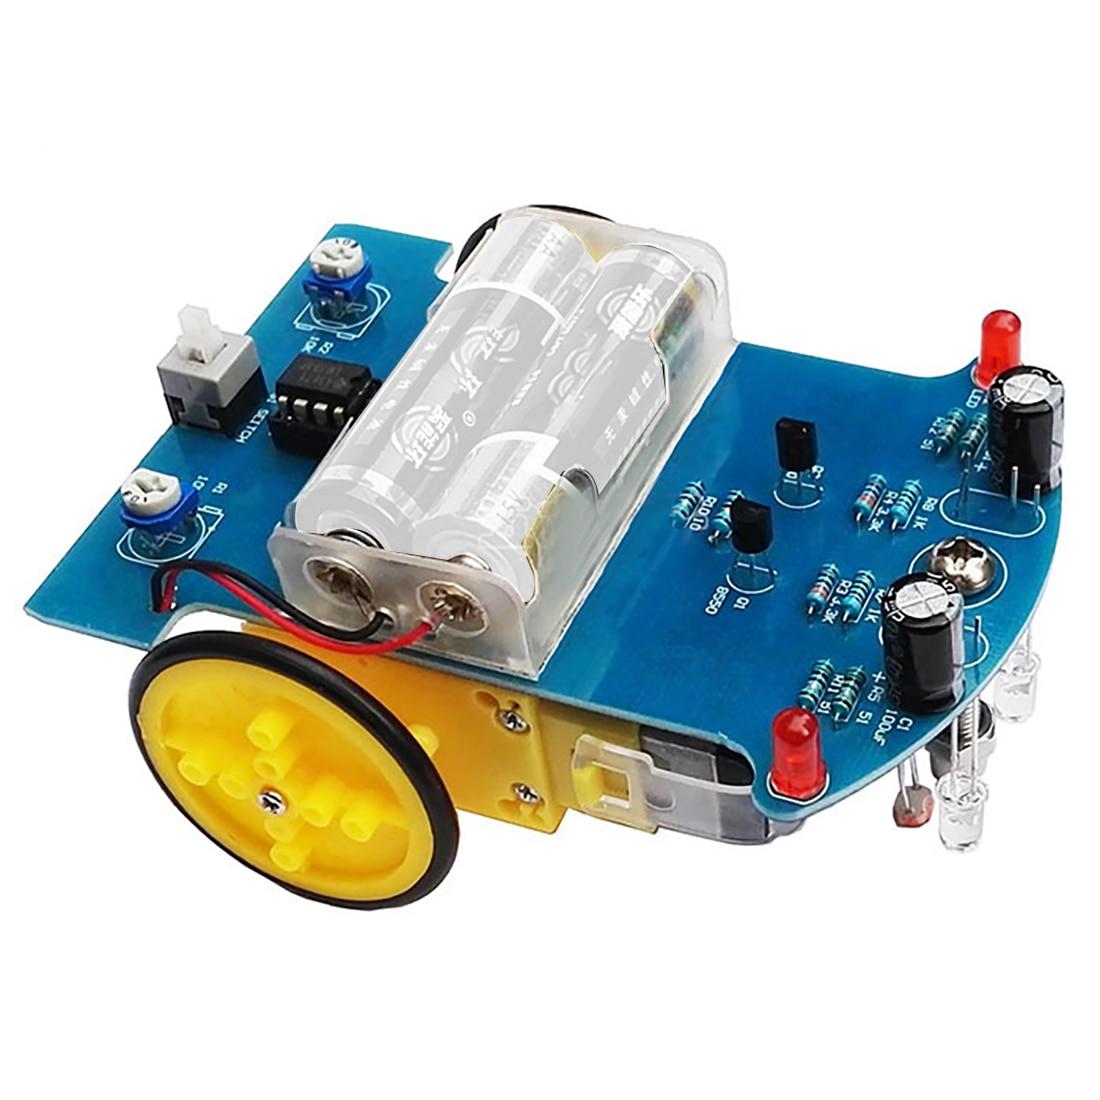 D2-1 DIY Набор интеллектуальная отслеживающая линия умный автомобильный комплект TT Мотор электронный умный патруль автомобильные запчасти эл...